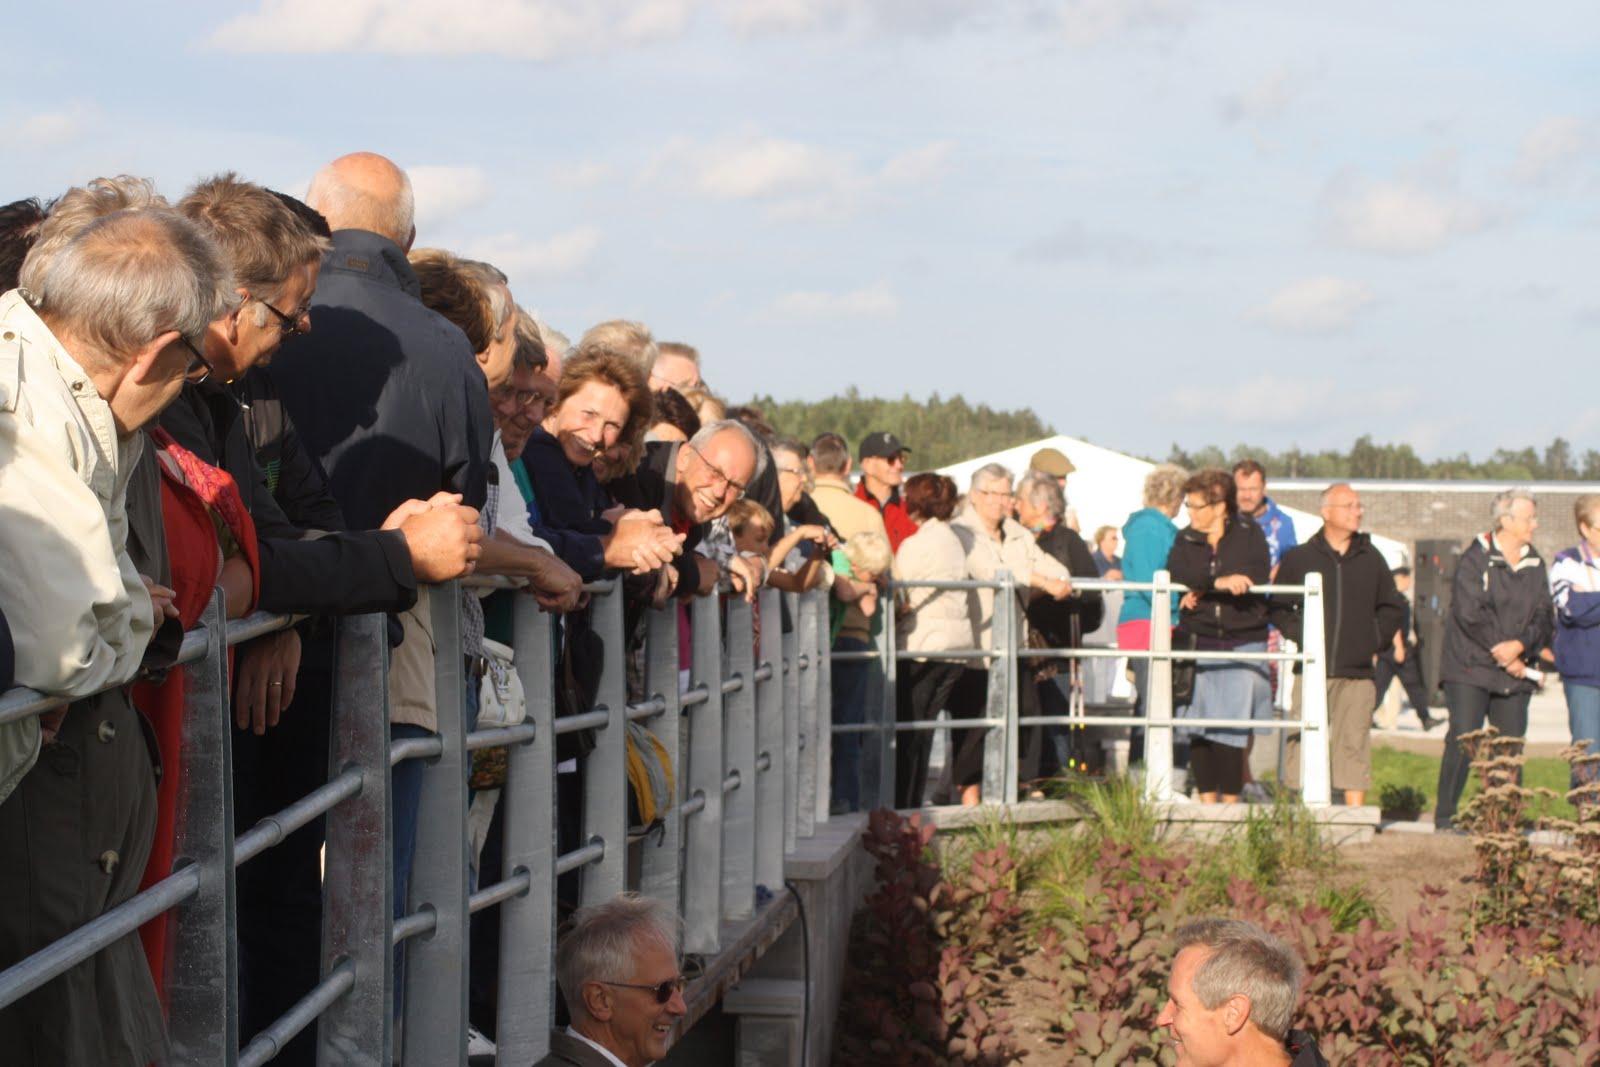 TrÄdgÅrdsingenjÖren / landskapsarkitekt: invigning av kumla sjöpark